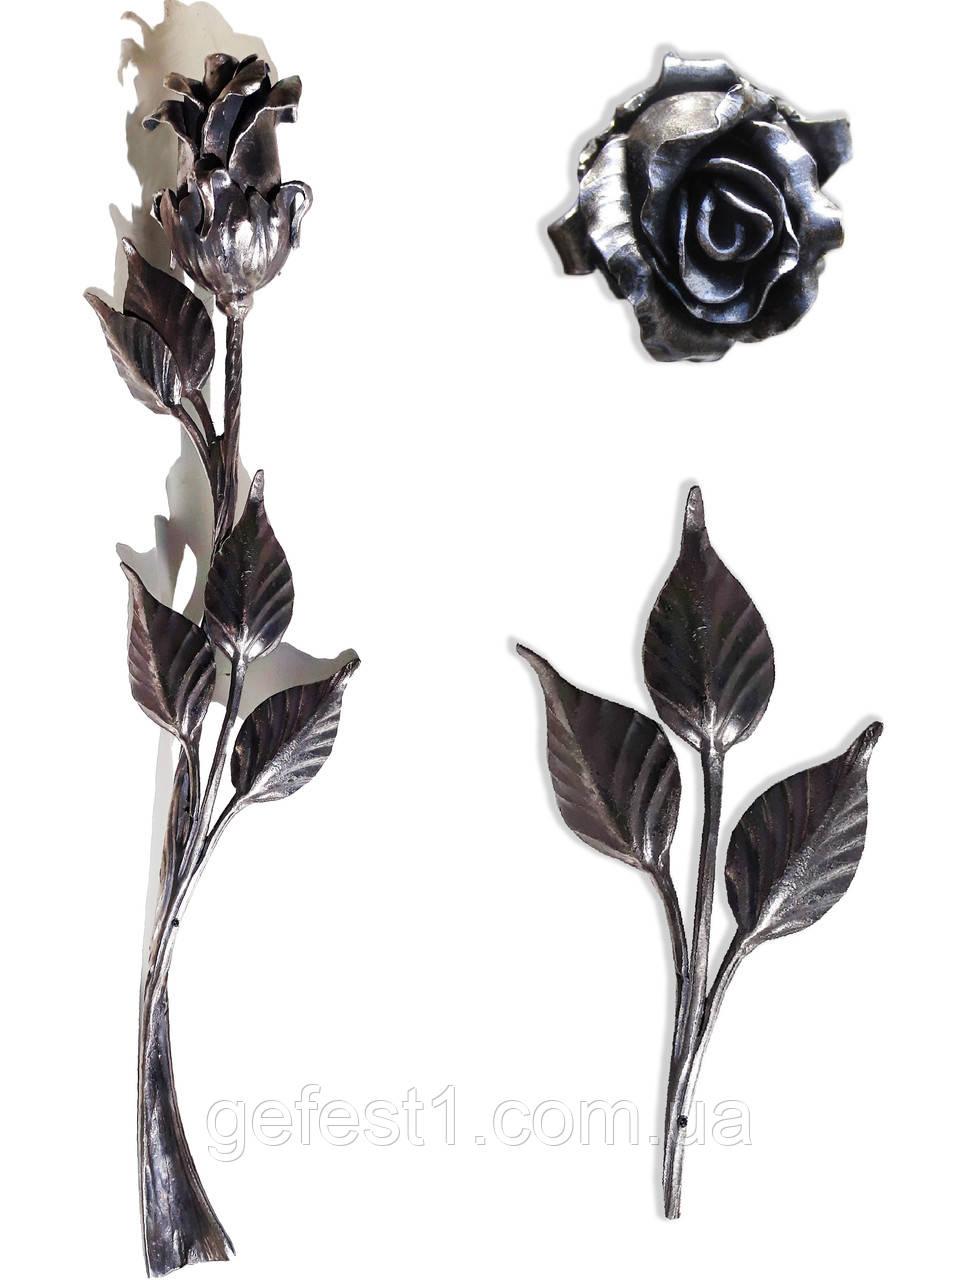 Ковані троянди, квіти металеві